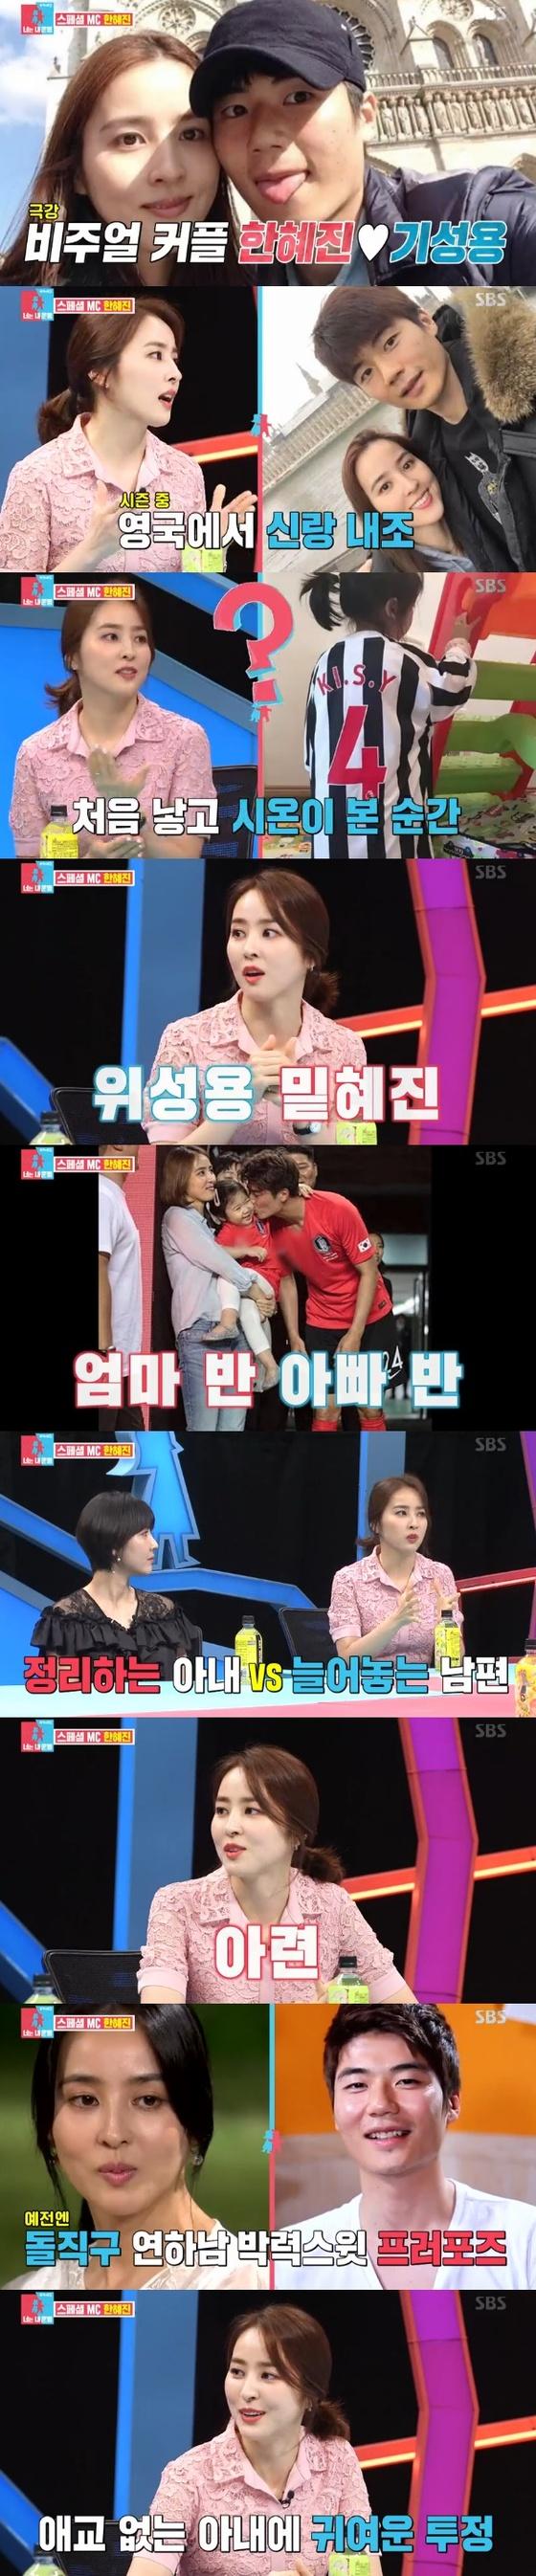 [RE:TV] '동상이몽2' 한혜진이 밝힌 #기성용♥ #딸 시온이 #스쿼트